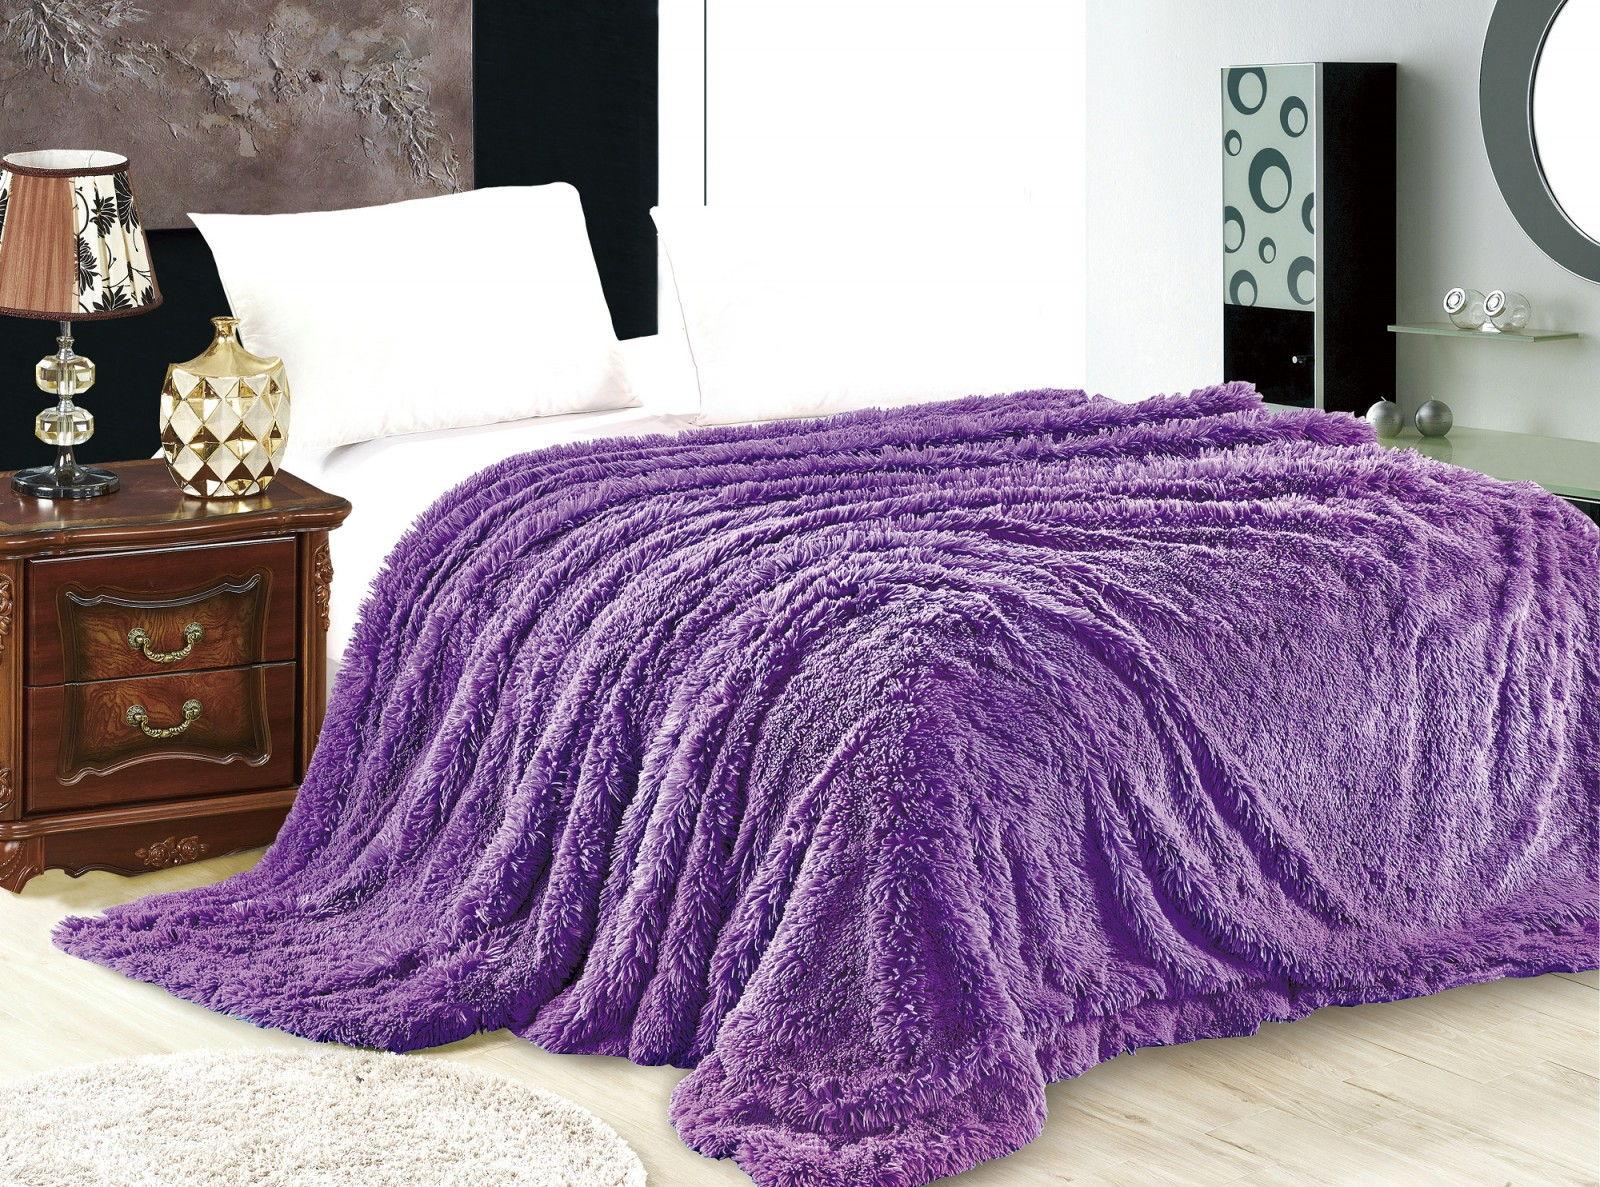 Ип мельников д с постельное белье